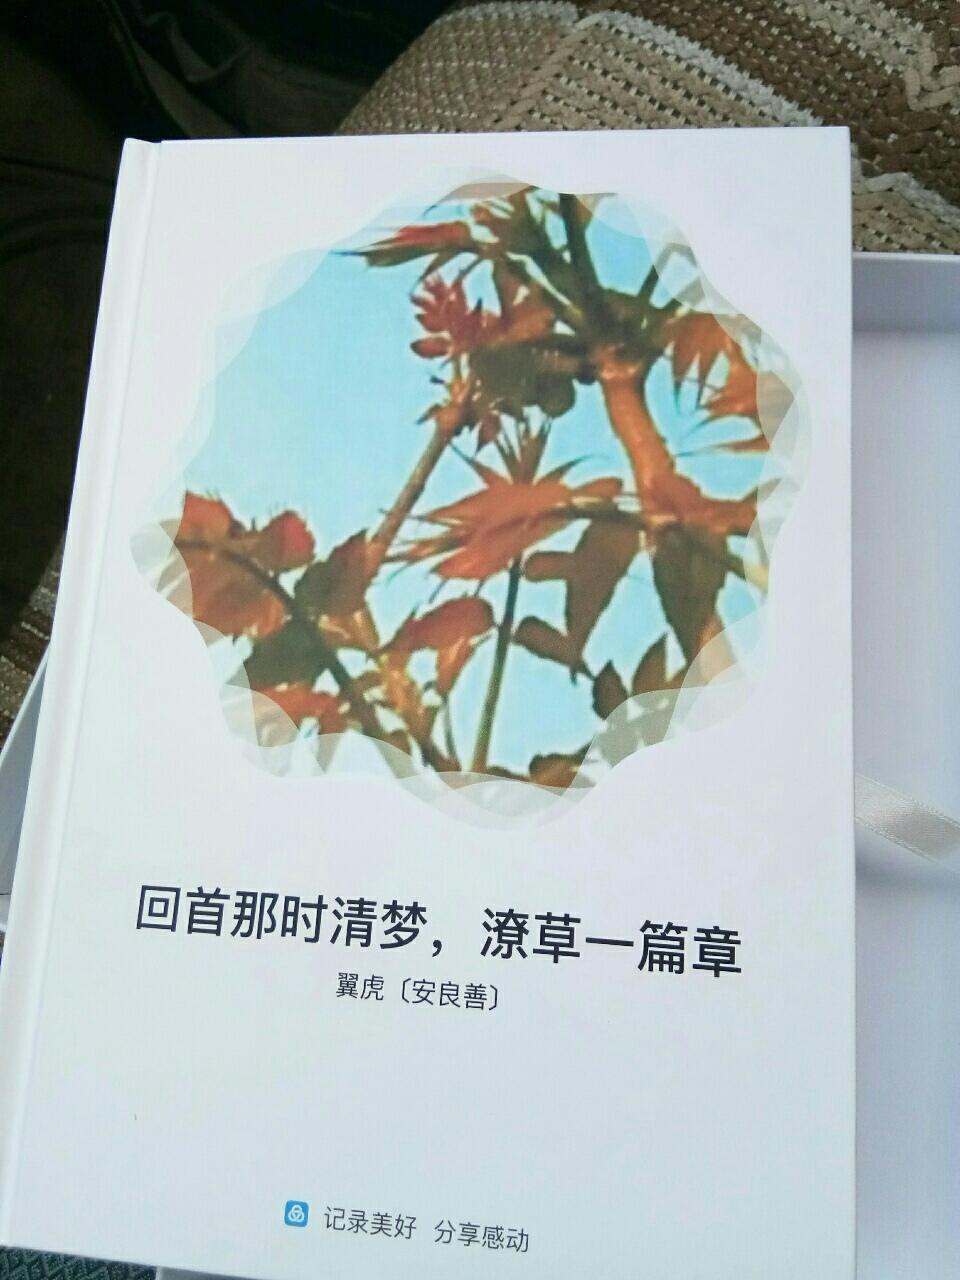 我的美篇书第二册收到了。